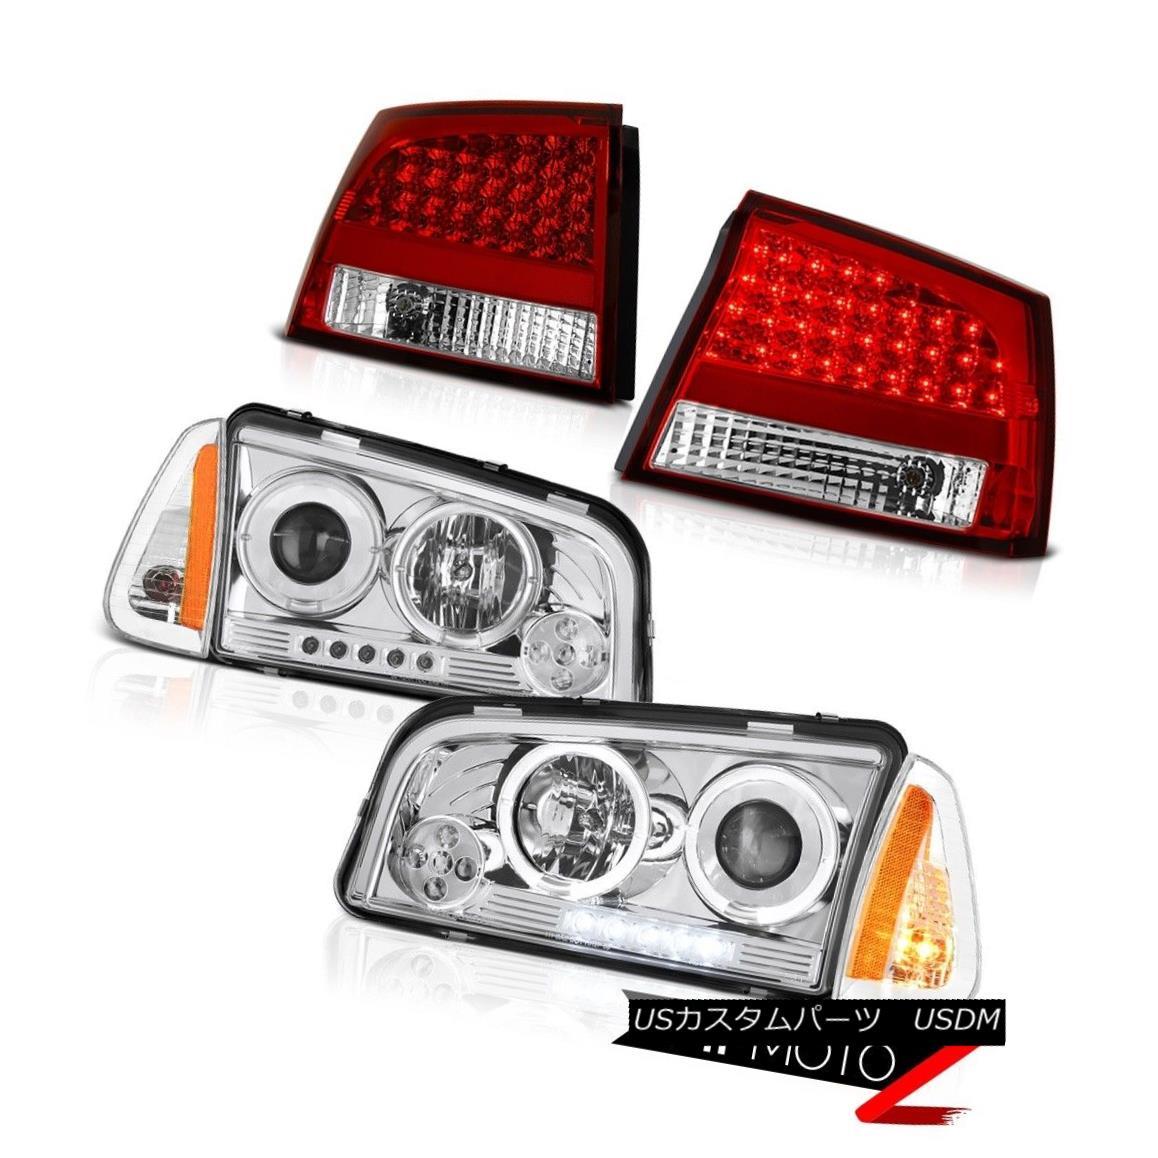 ヘッドライト 06-08 Dodge Charger Super Bee Bloody red tail brake lamps turn signal headlights 06-08ダッジチャージャースーパービーブラッディー赤いテールブレーキランプ信号ヘッドライトを回す画像